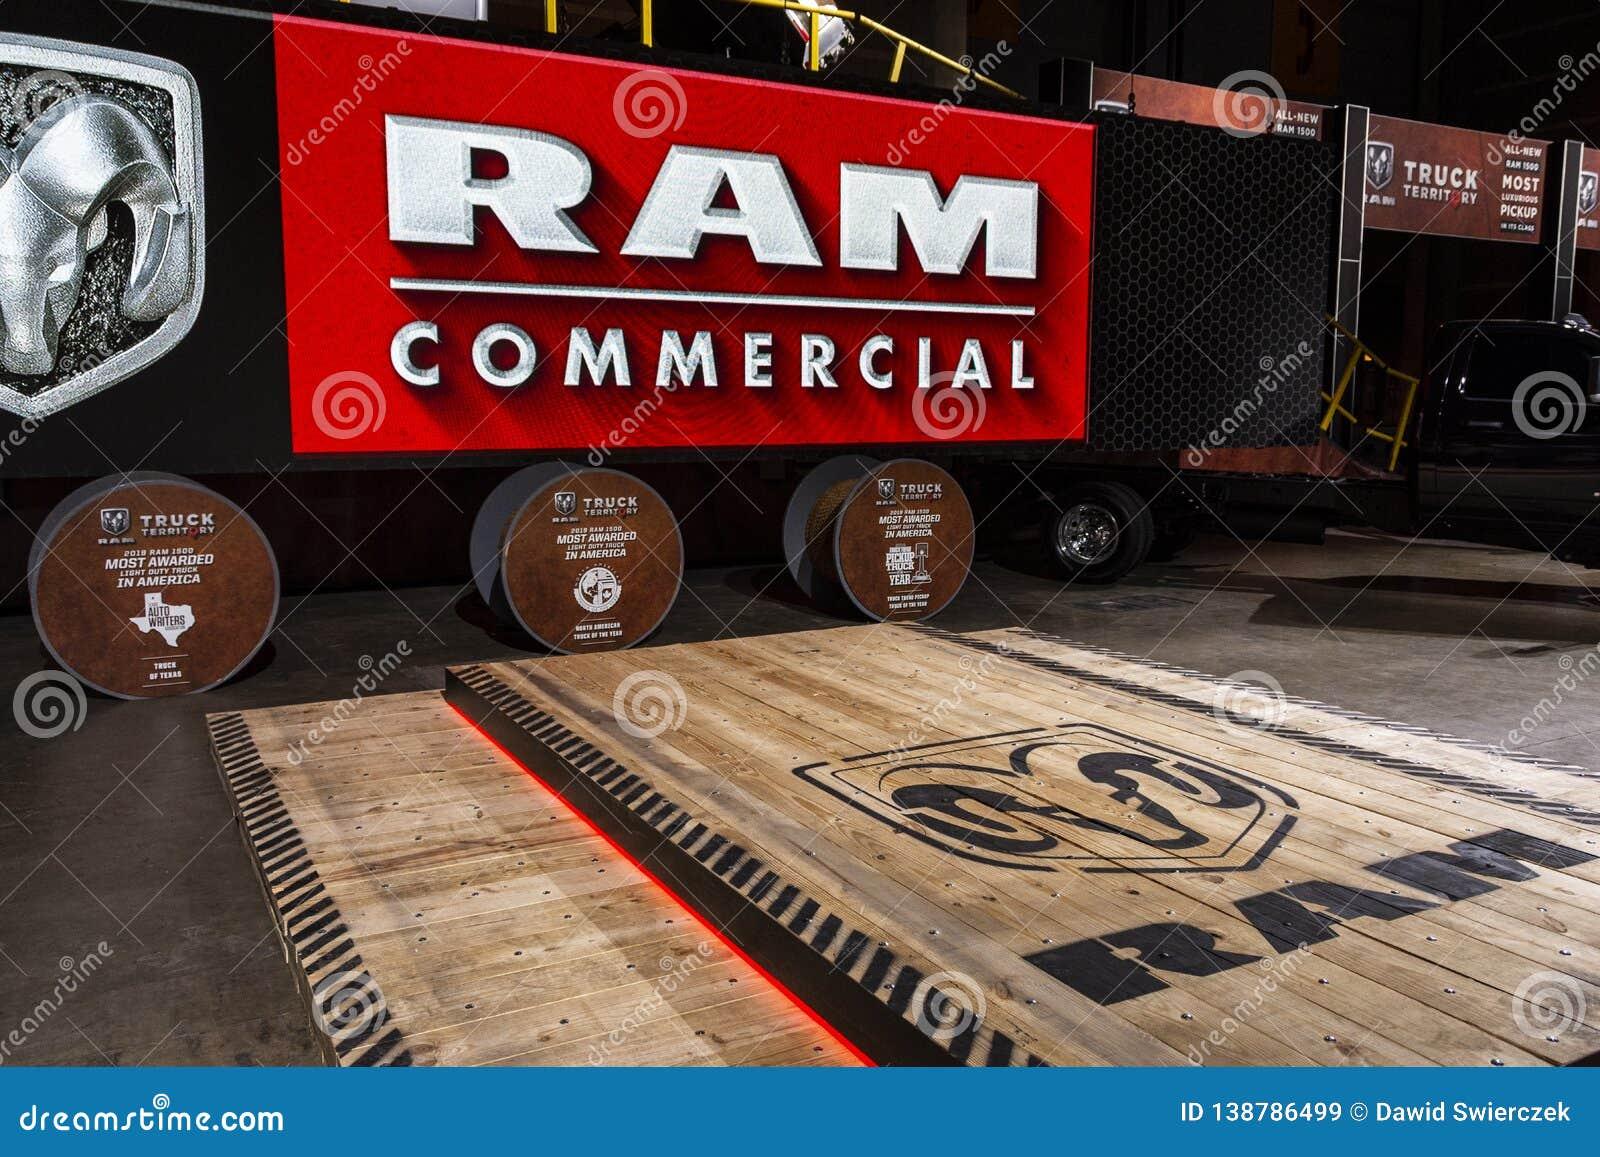 Η σκηνή παρουσίασης RAM σε το 2019 Σικάγο αυτόματο παρουσιάζει